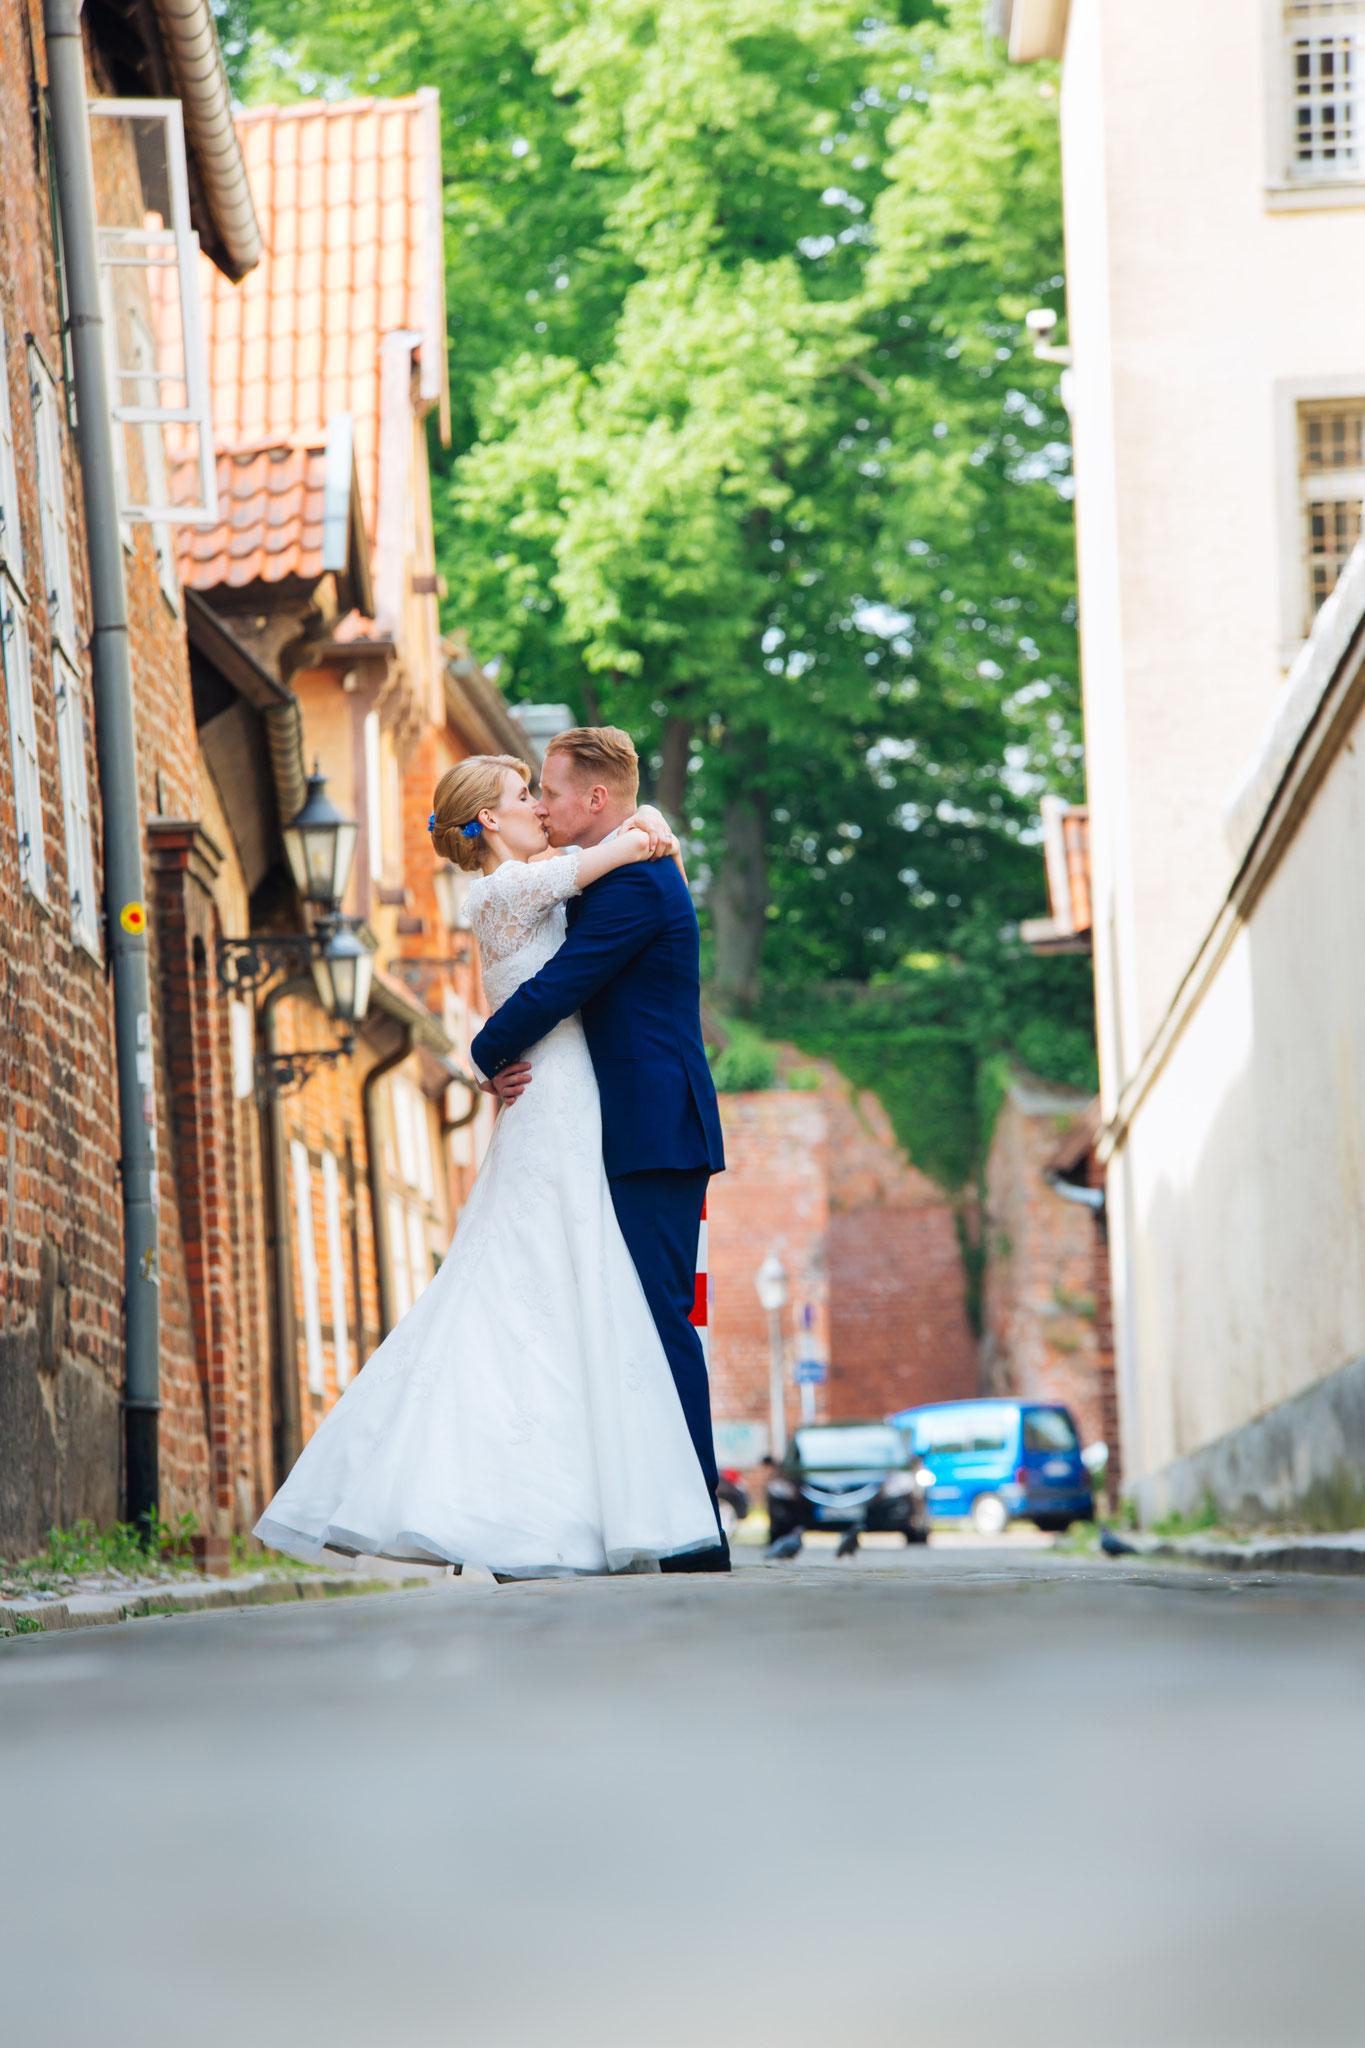 Brautpaar-Shooting in Lüneburg